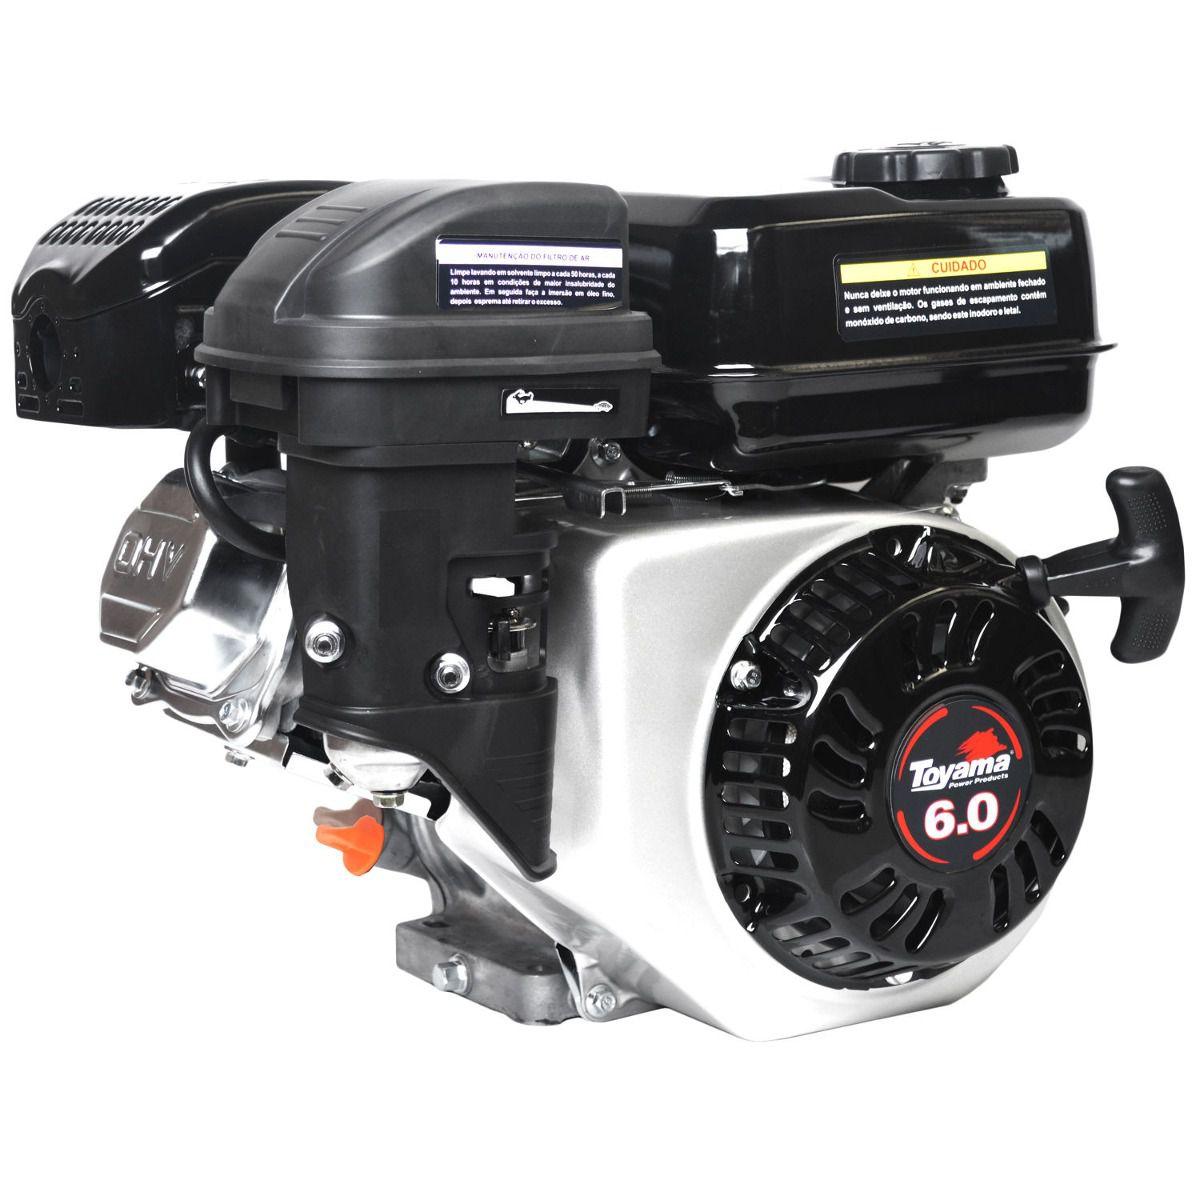 Motor a Gasolina 4 Tempos Toyama TF60FX2 - 6 HP - Eixo 3/4